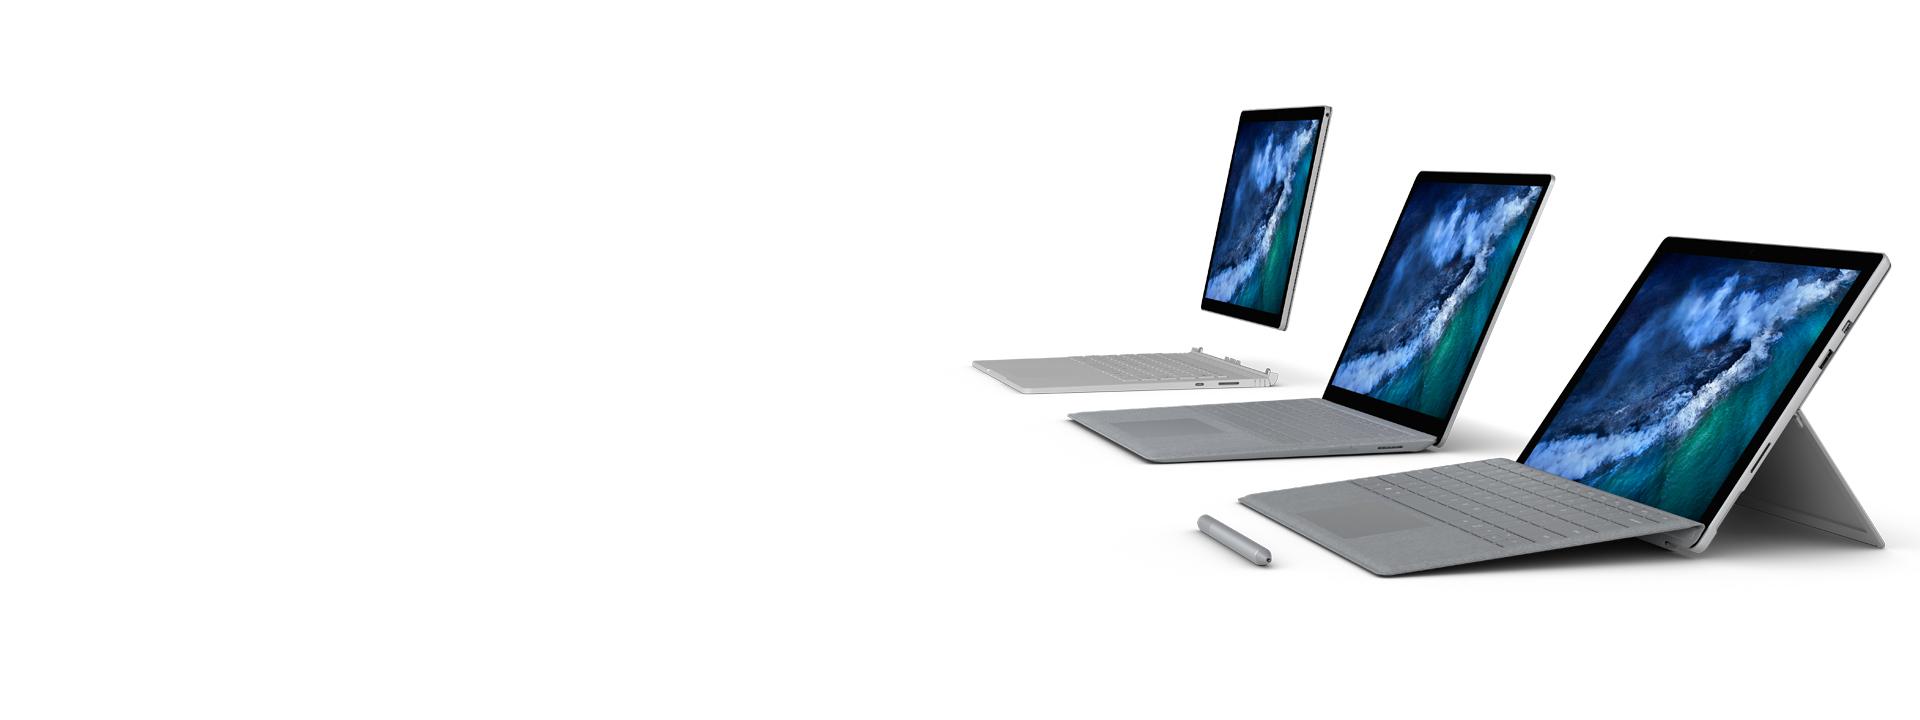 عائلة Surface – Surface Pro وSurface Laptop وSurface Book 2